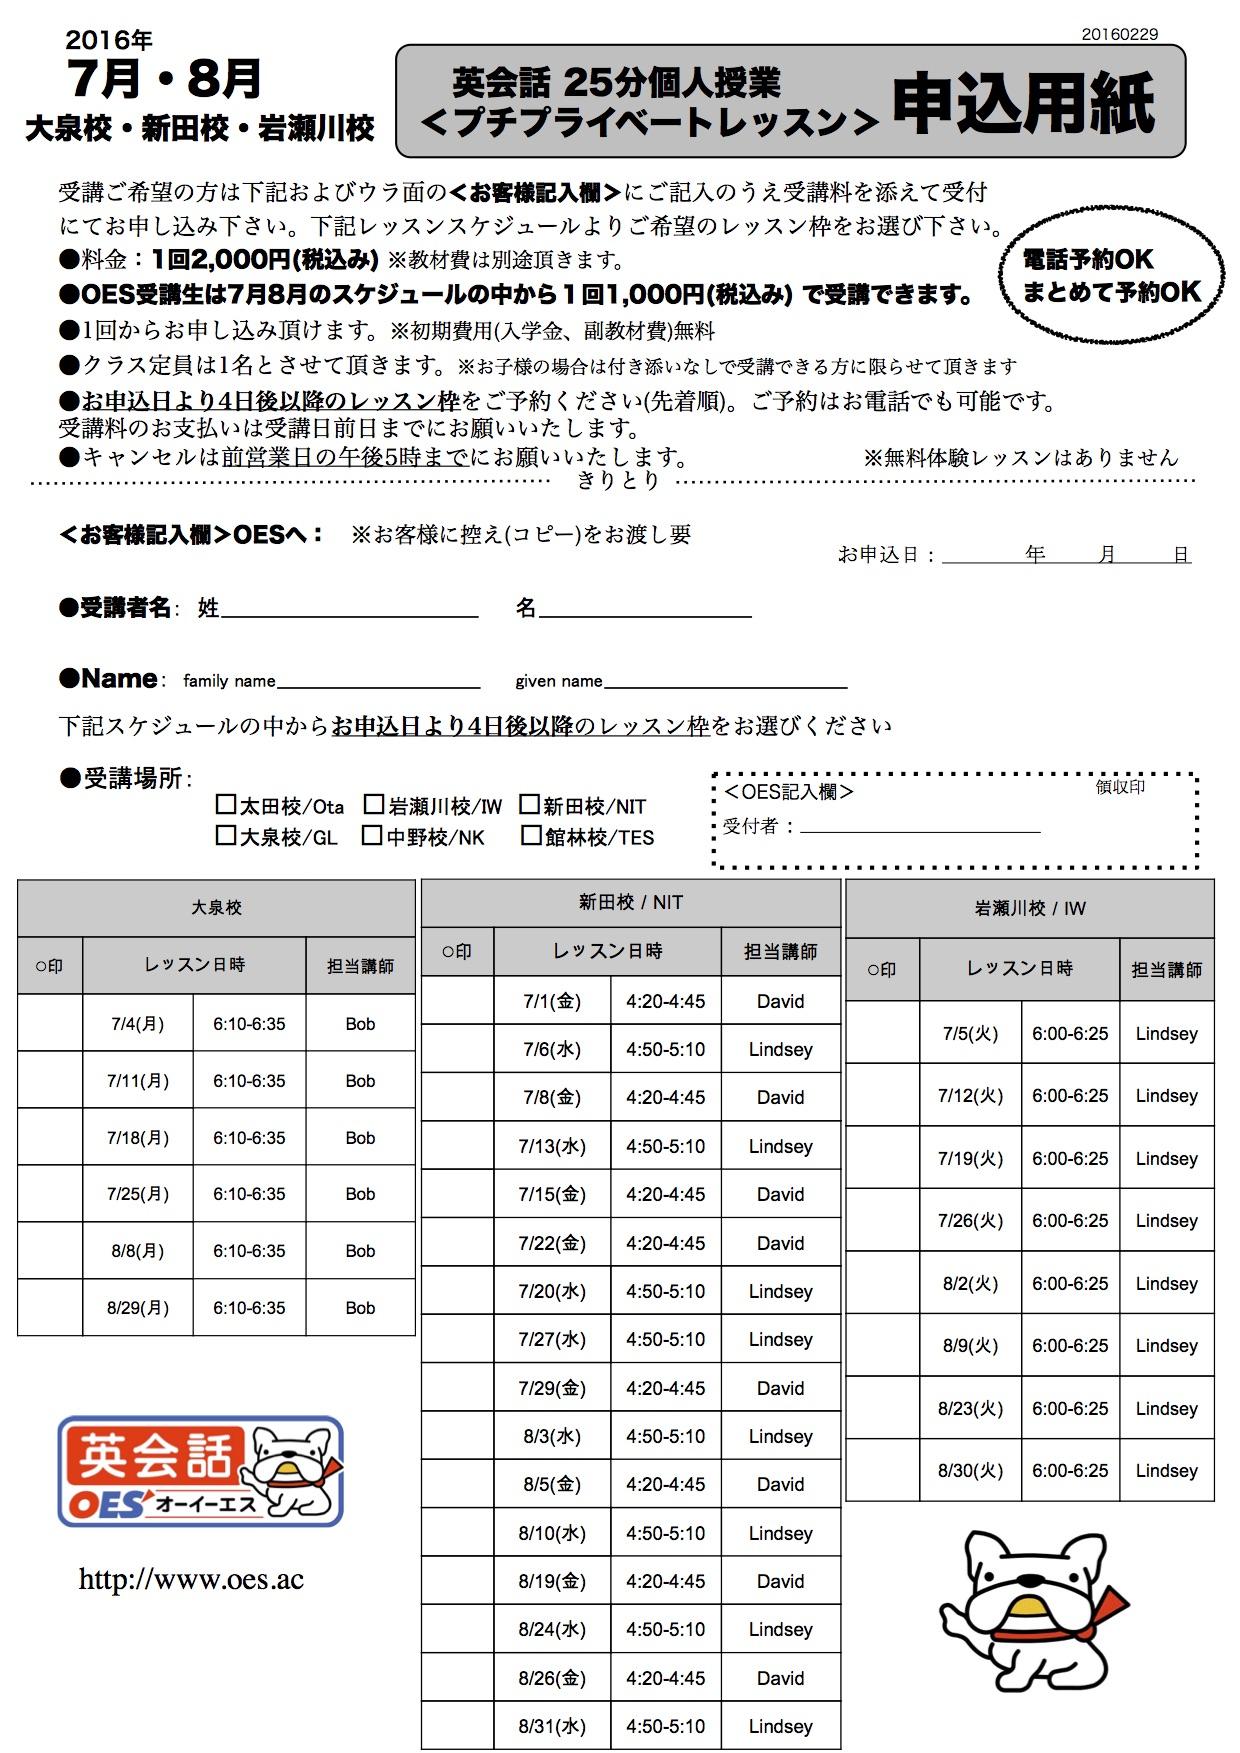 7月8月新田校/大泉校/岩瀬川校 プチプライベートレッスン申込用紙